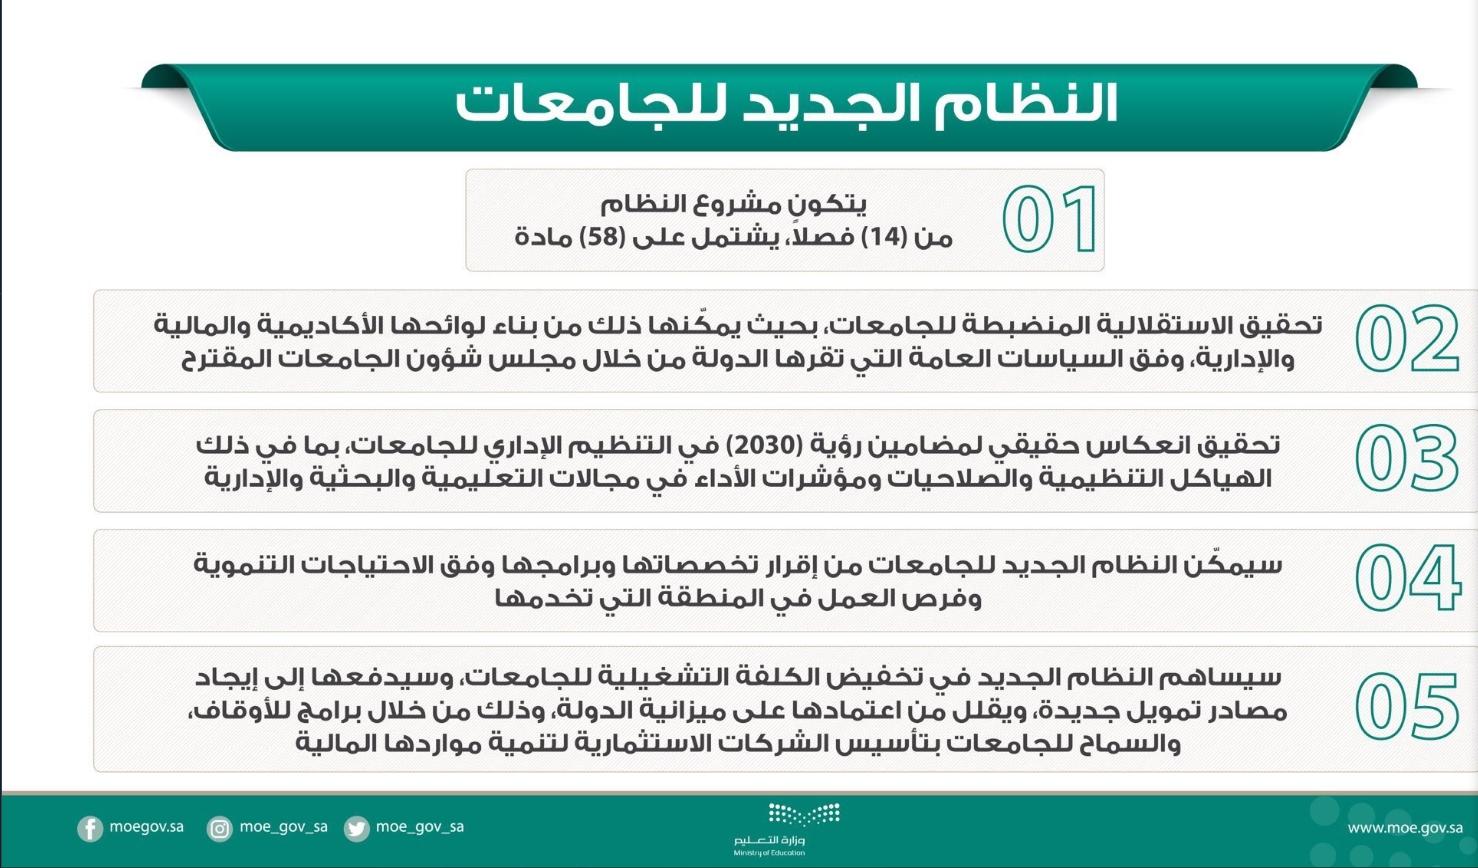 تعرف الى أبرز ملامح النظام الجديد للجامعات في المملكة العربية السعودية do.php?img=55526